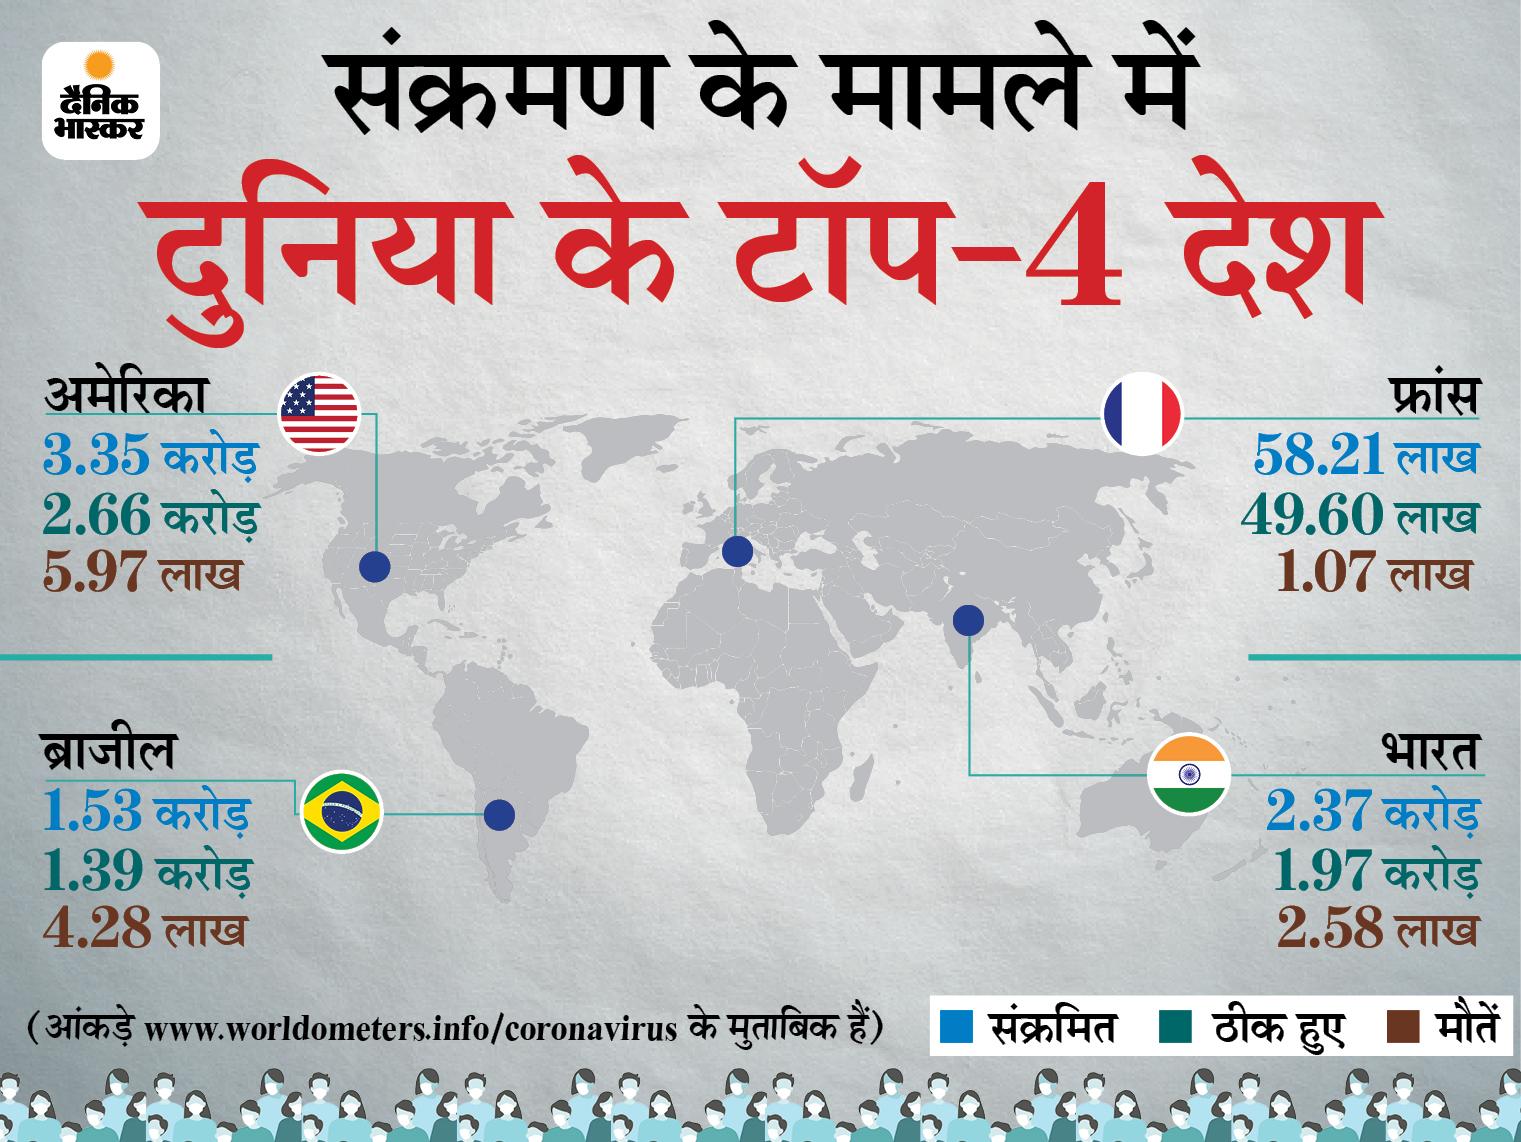 पिछले 24 घंटे में 7.51 लाख नए केस, 13,843 की मौत; भारत में सबसे ज्यादा संक्रमित और मौत के मामले|विदेश,International - Dainik Bhaskar